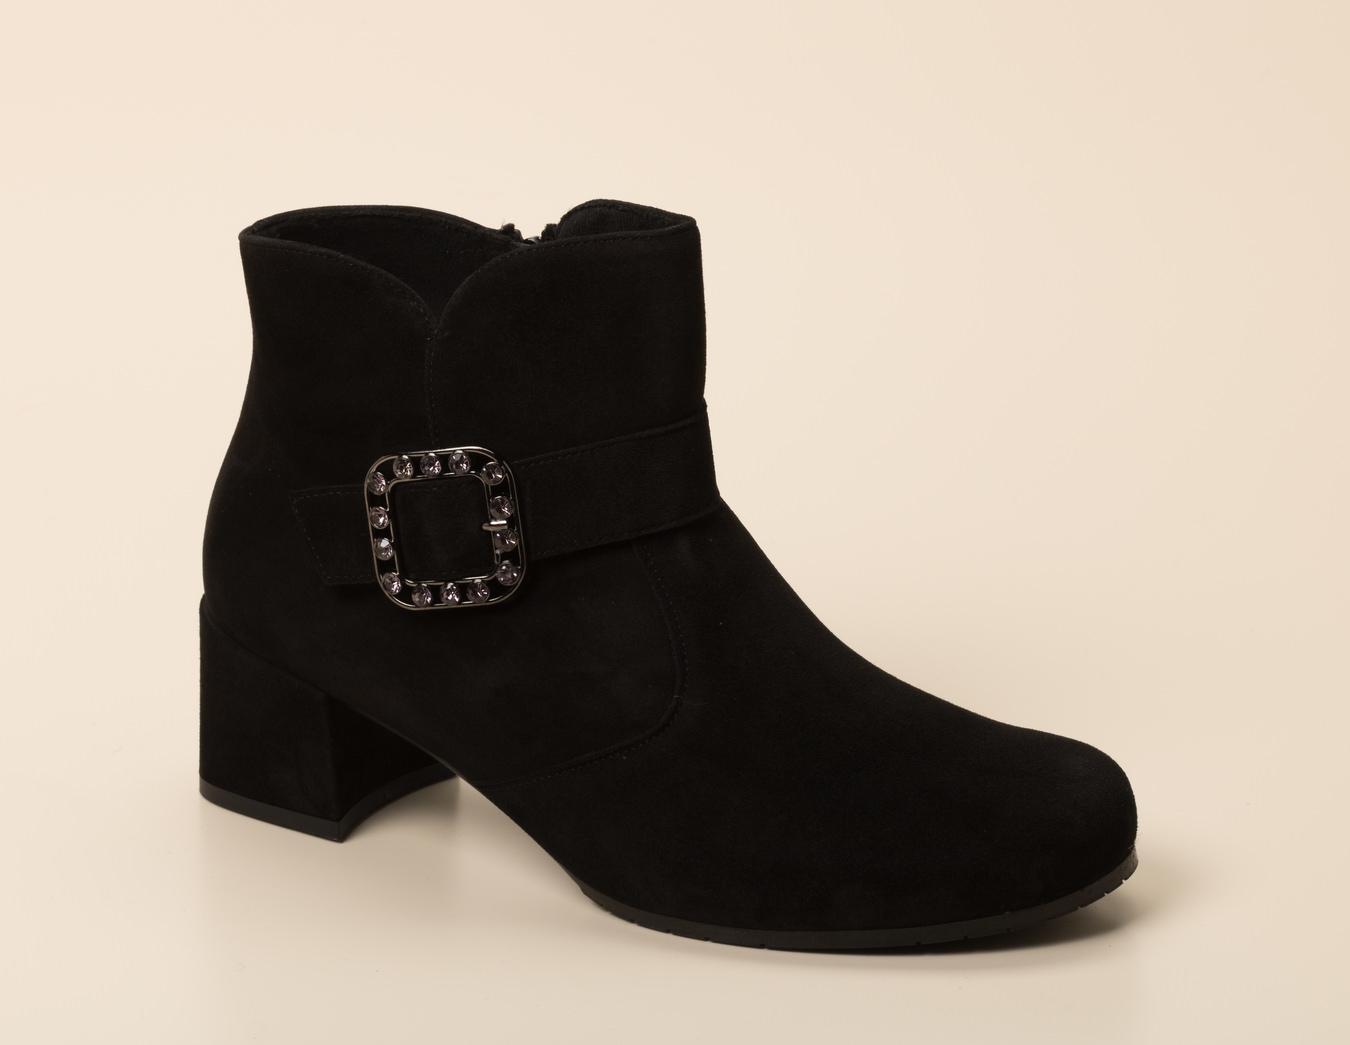 Stiefel und Stiefeletten in Größe EUR 38 Semler günstig